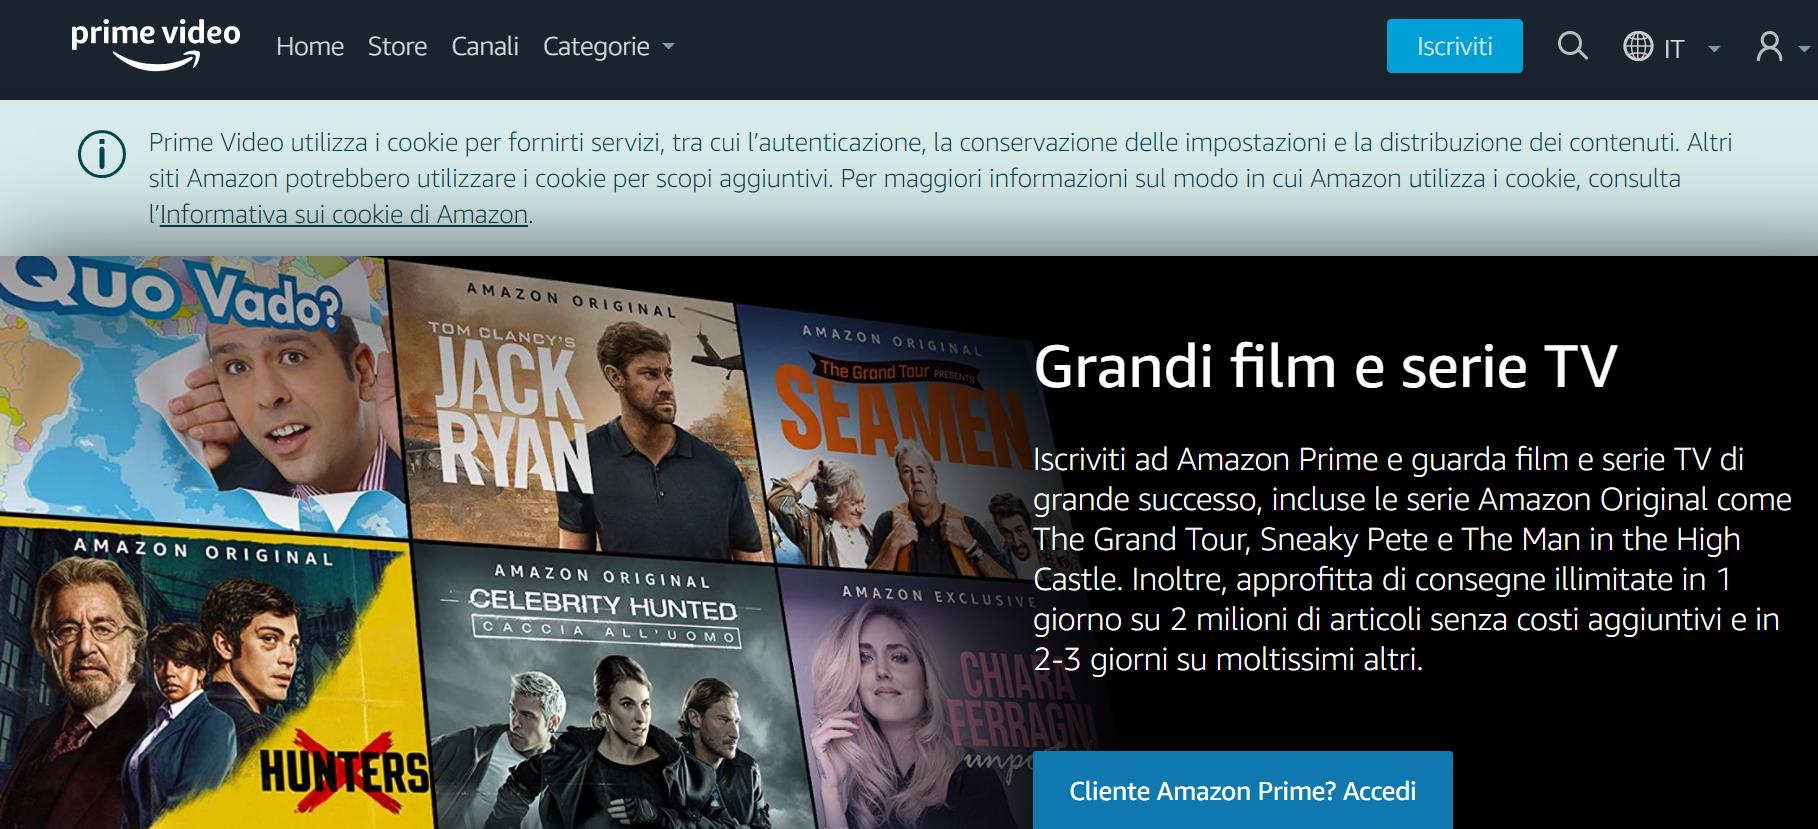 Amazon Prime Video partite di Champions League come vederle